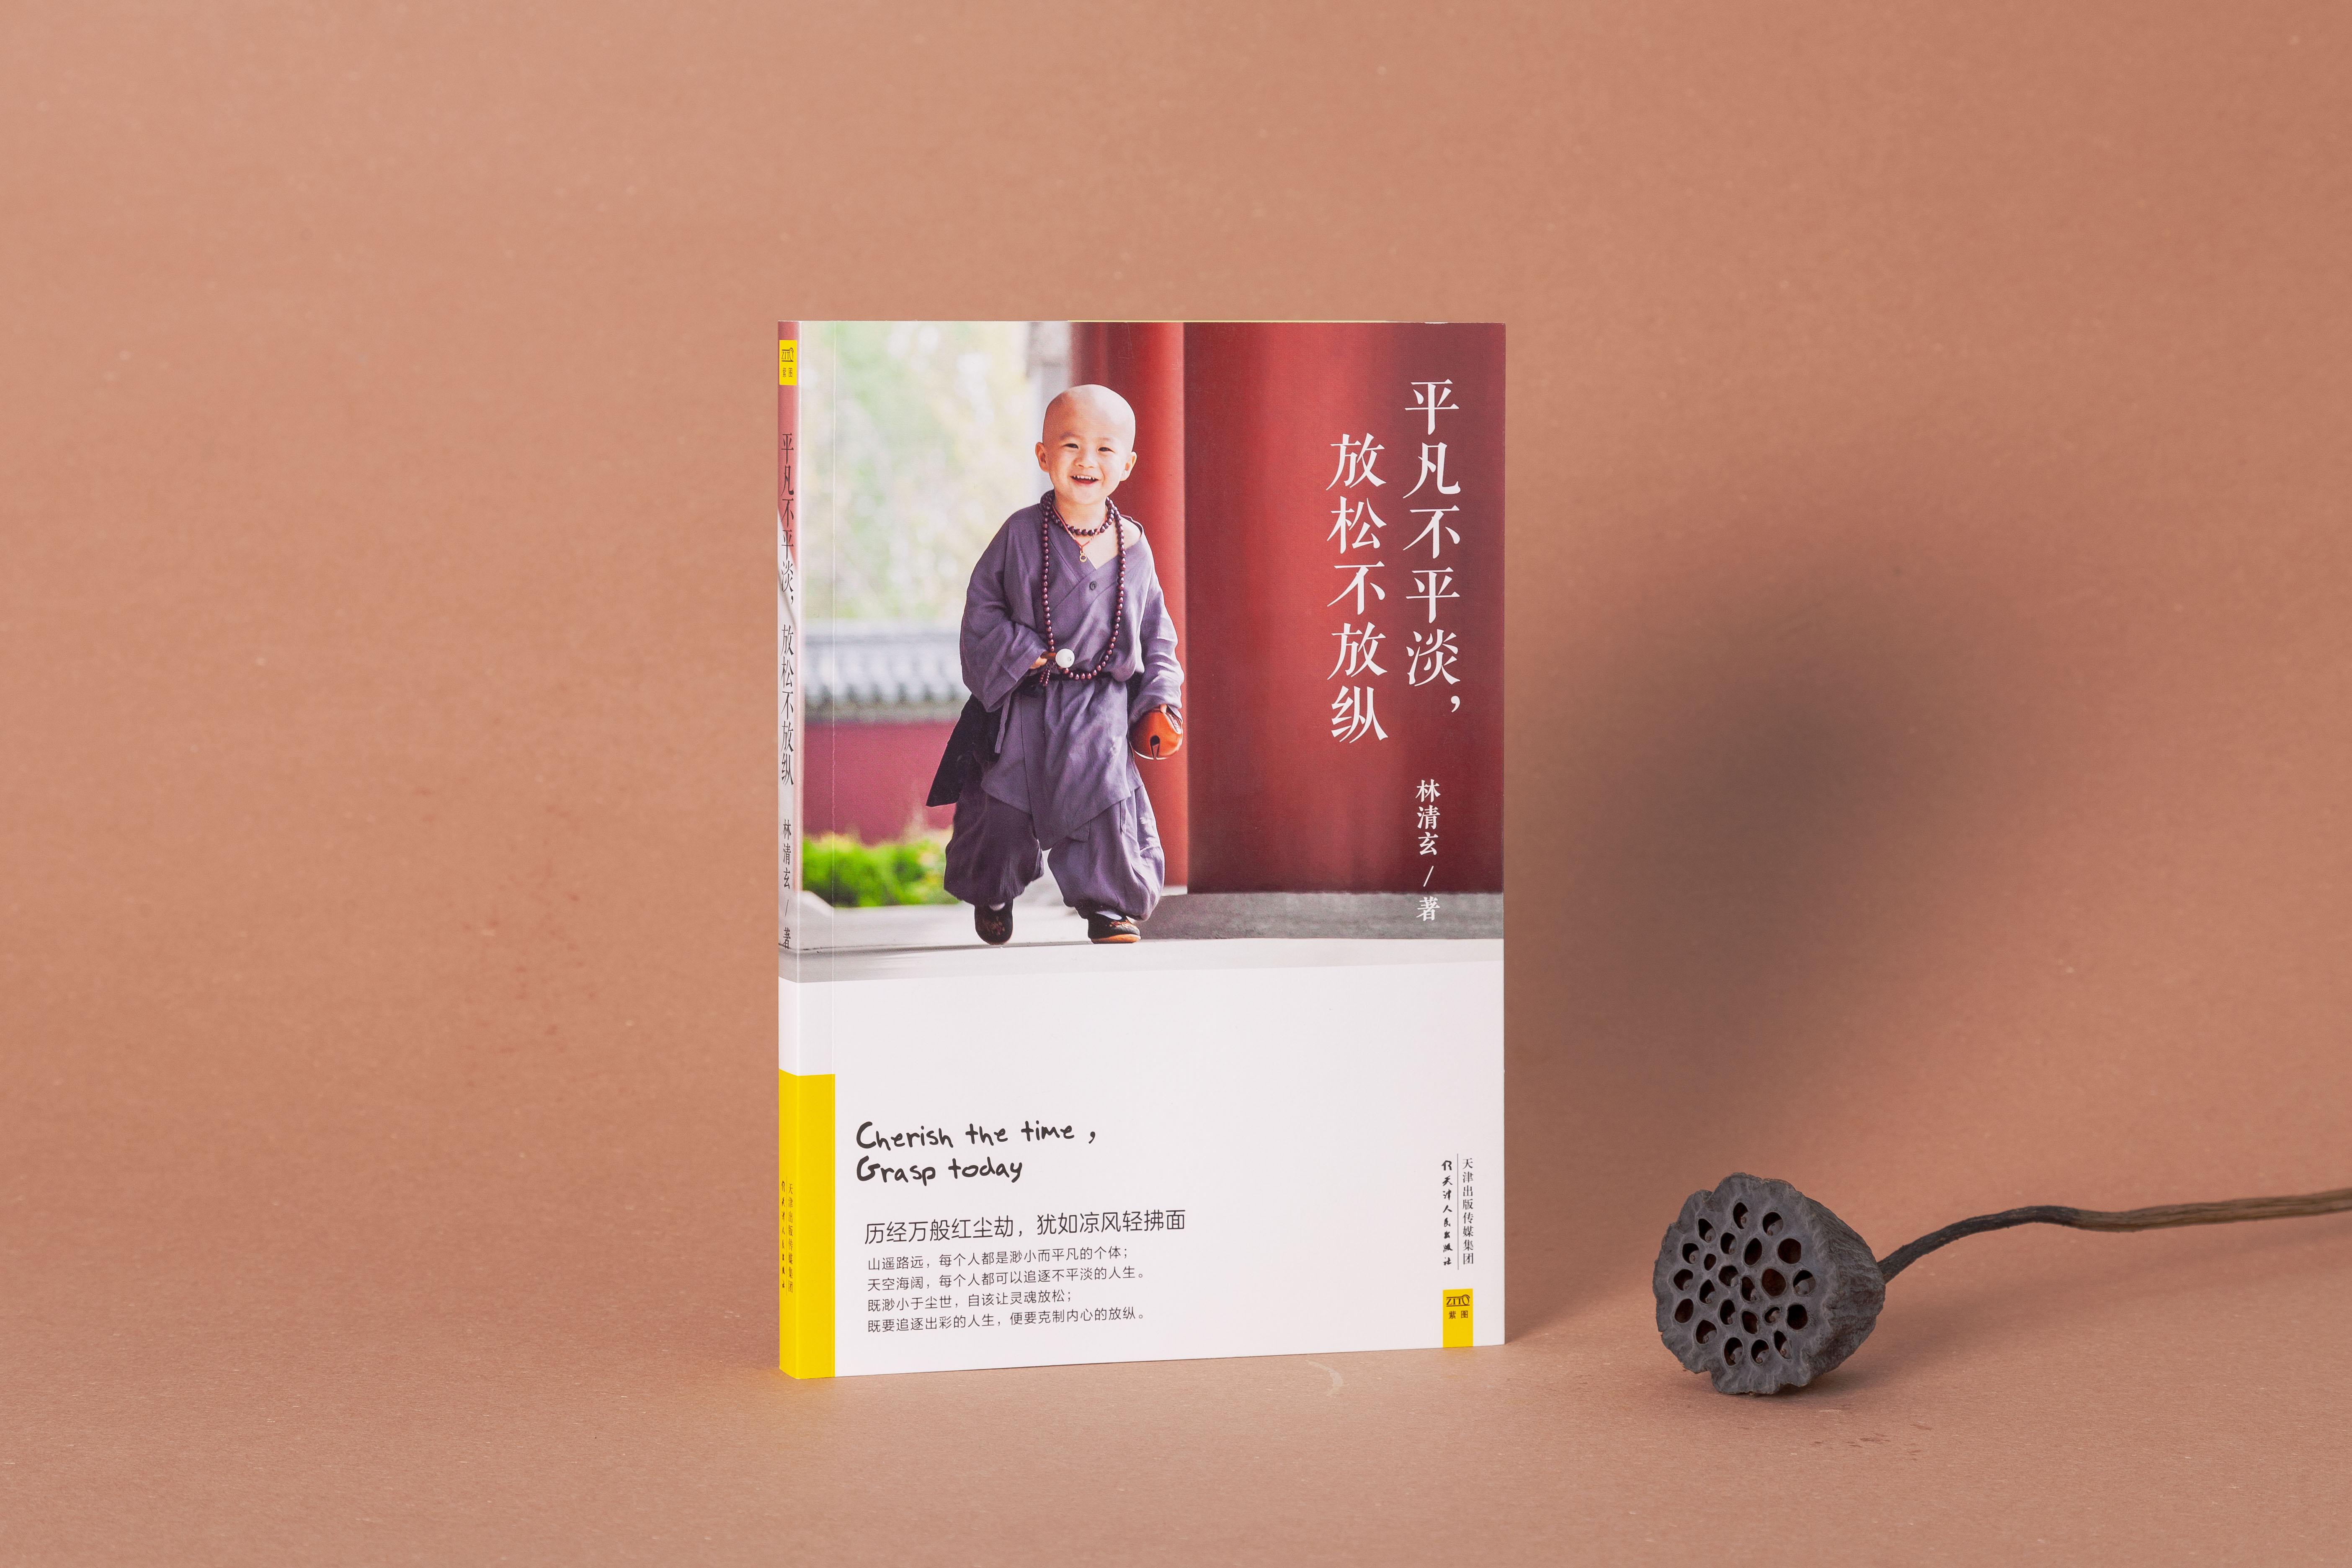 《平凡不平淡,放松不放纵》丨林清玄先生首部以自律为主题的散文集 商品图3